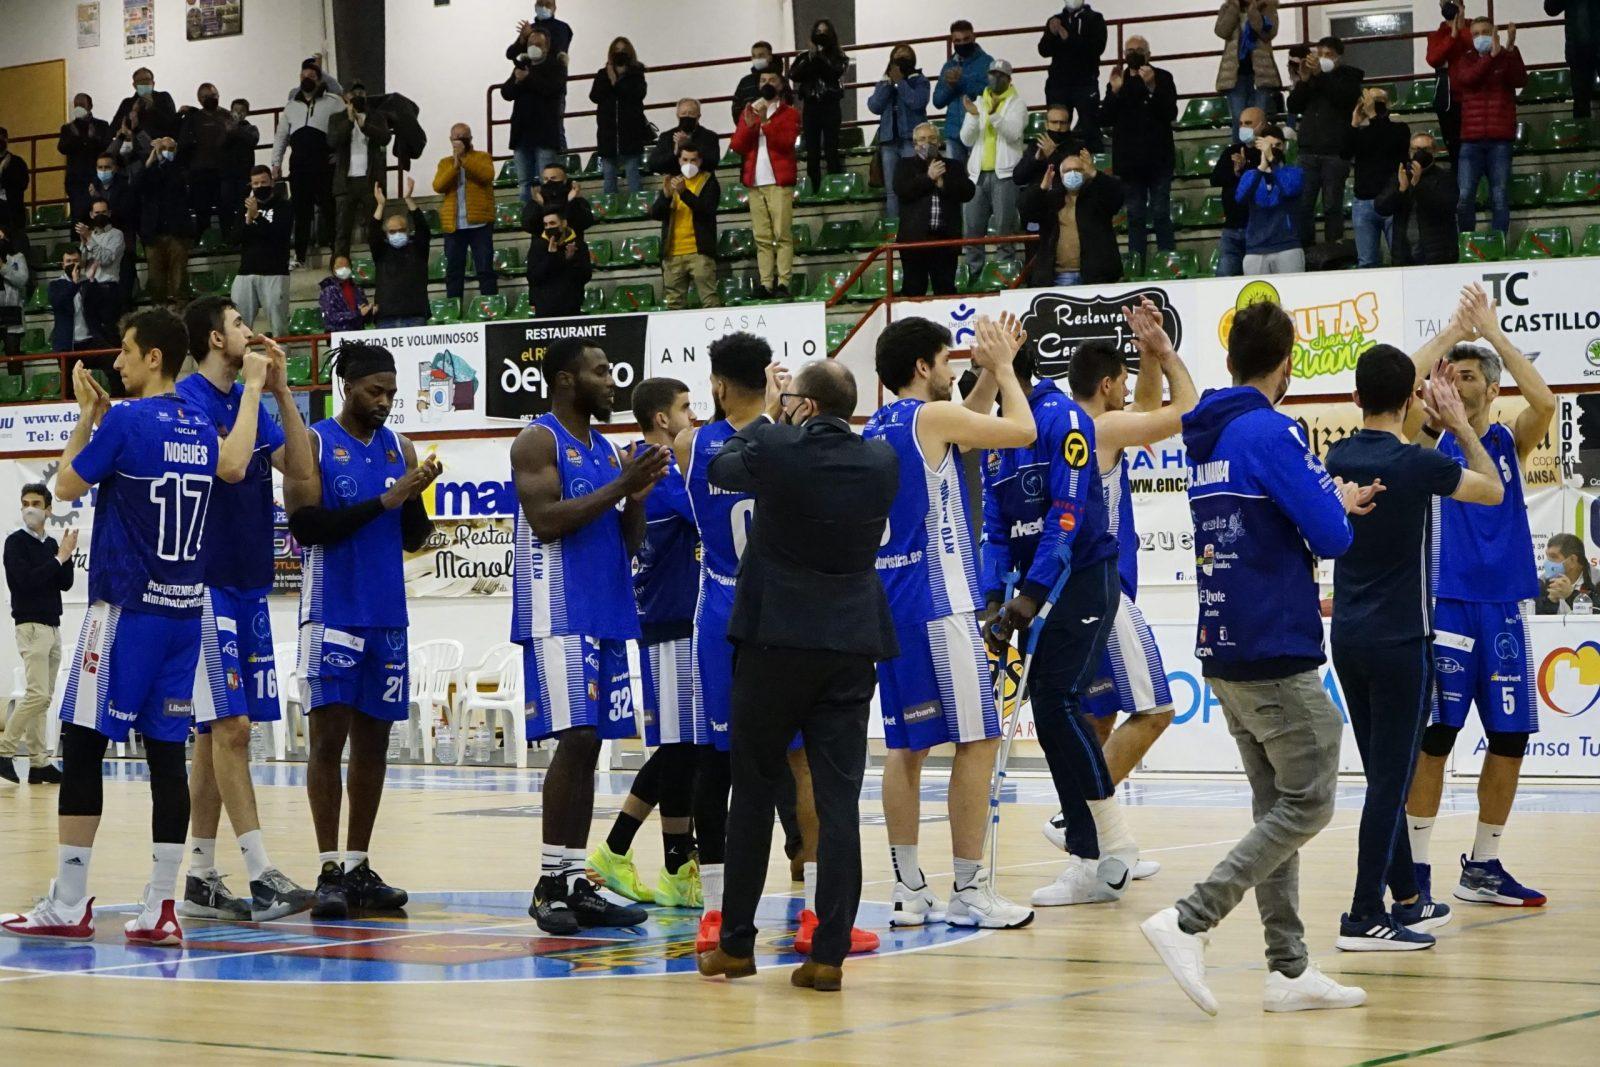 El CB Almansa no pudo con Oviedo Club Baloncesto